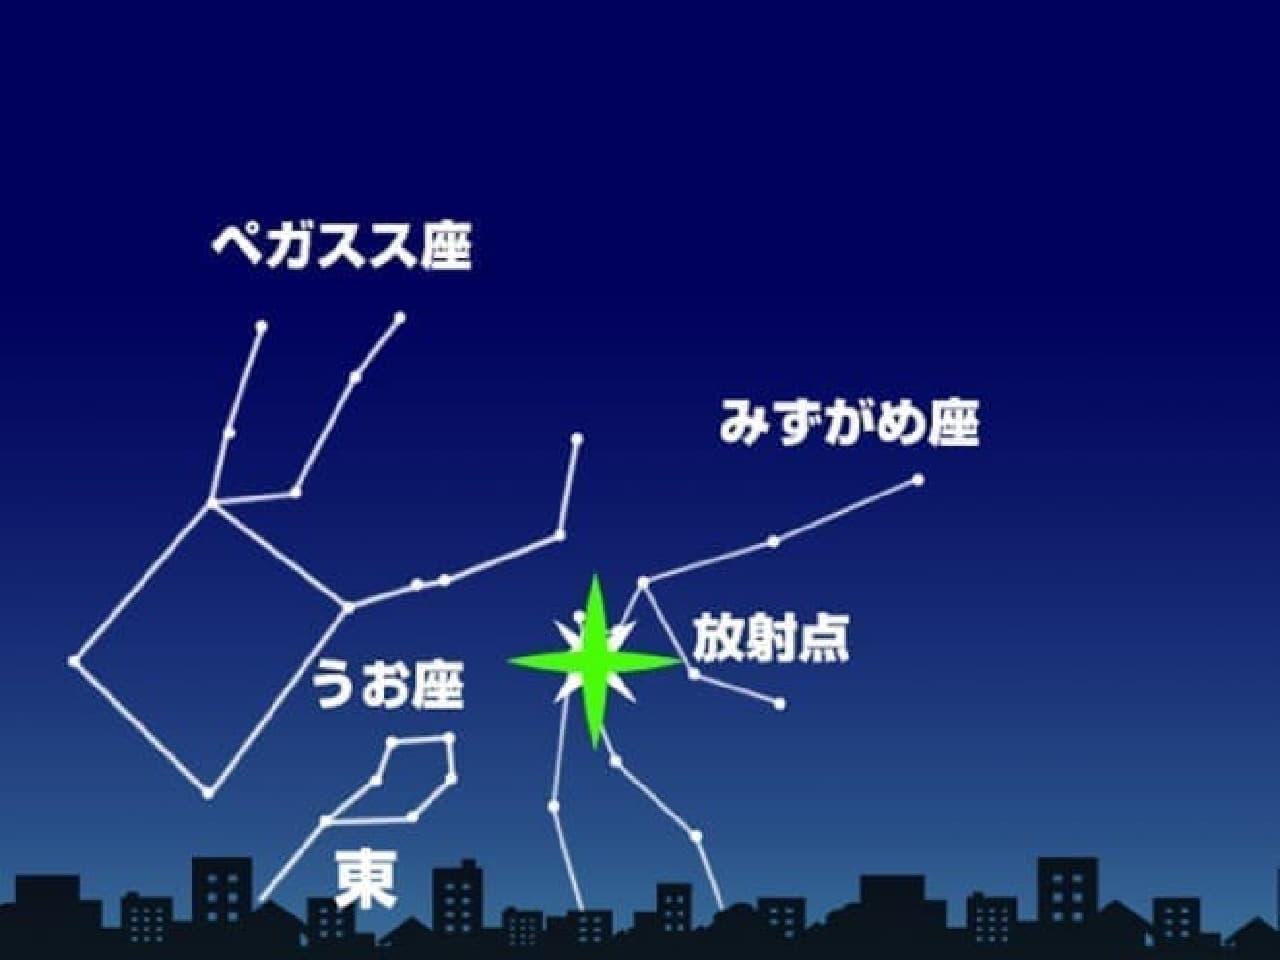 下から上に流れるみずがめ座エータ流星群」